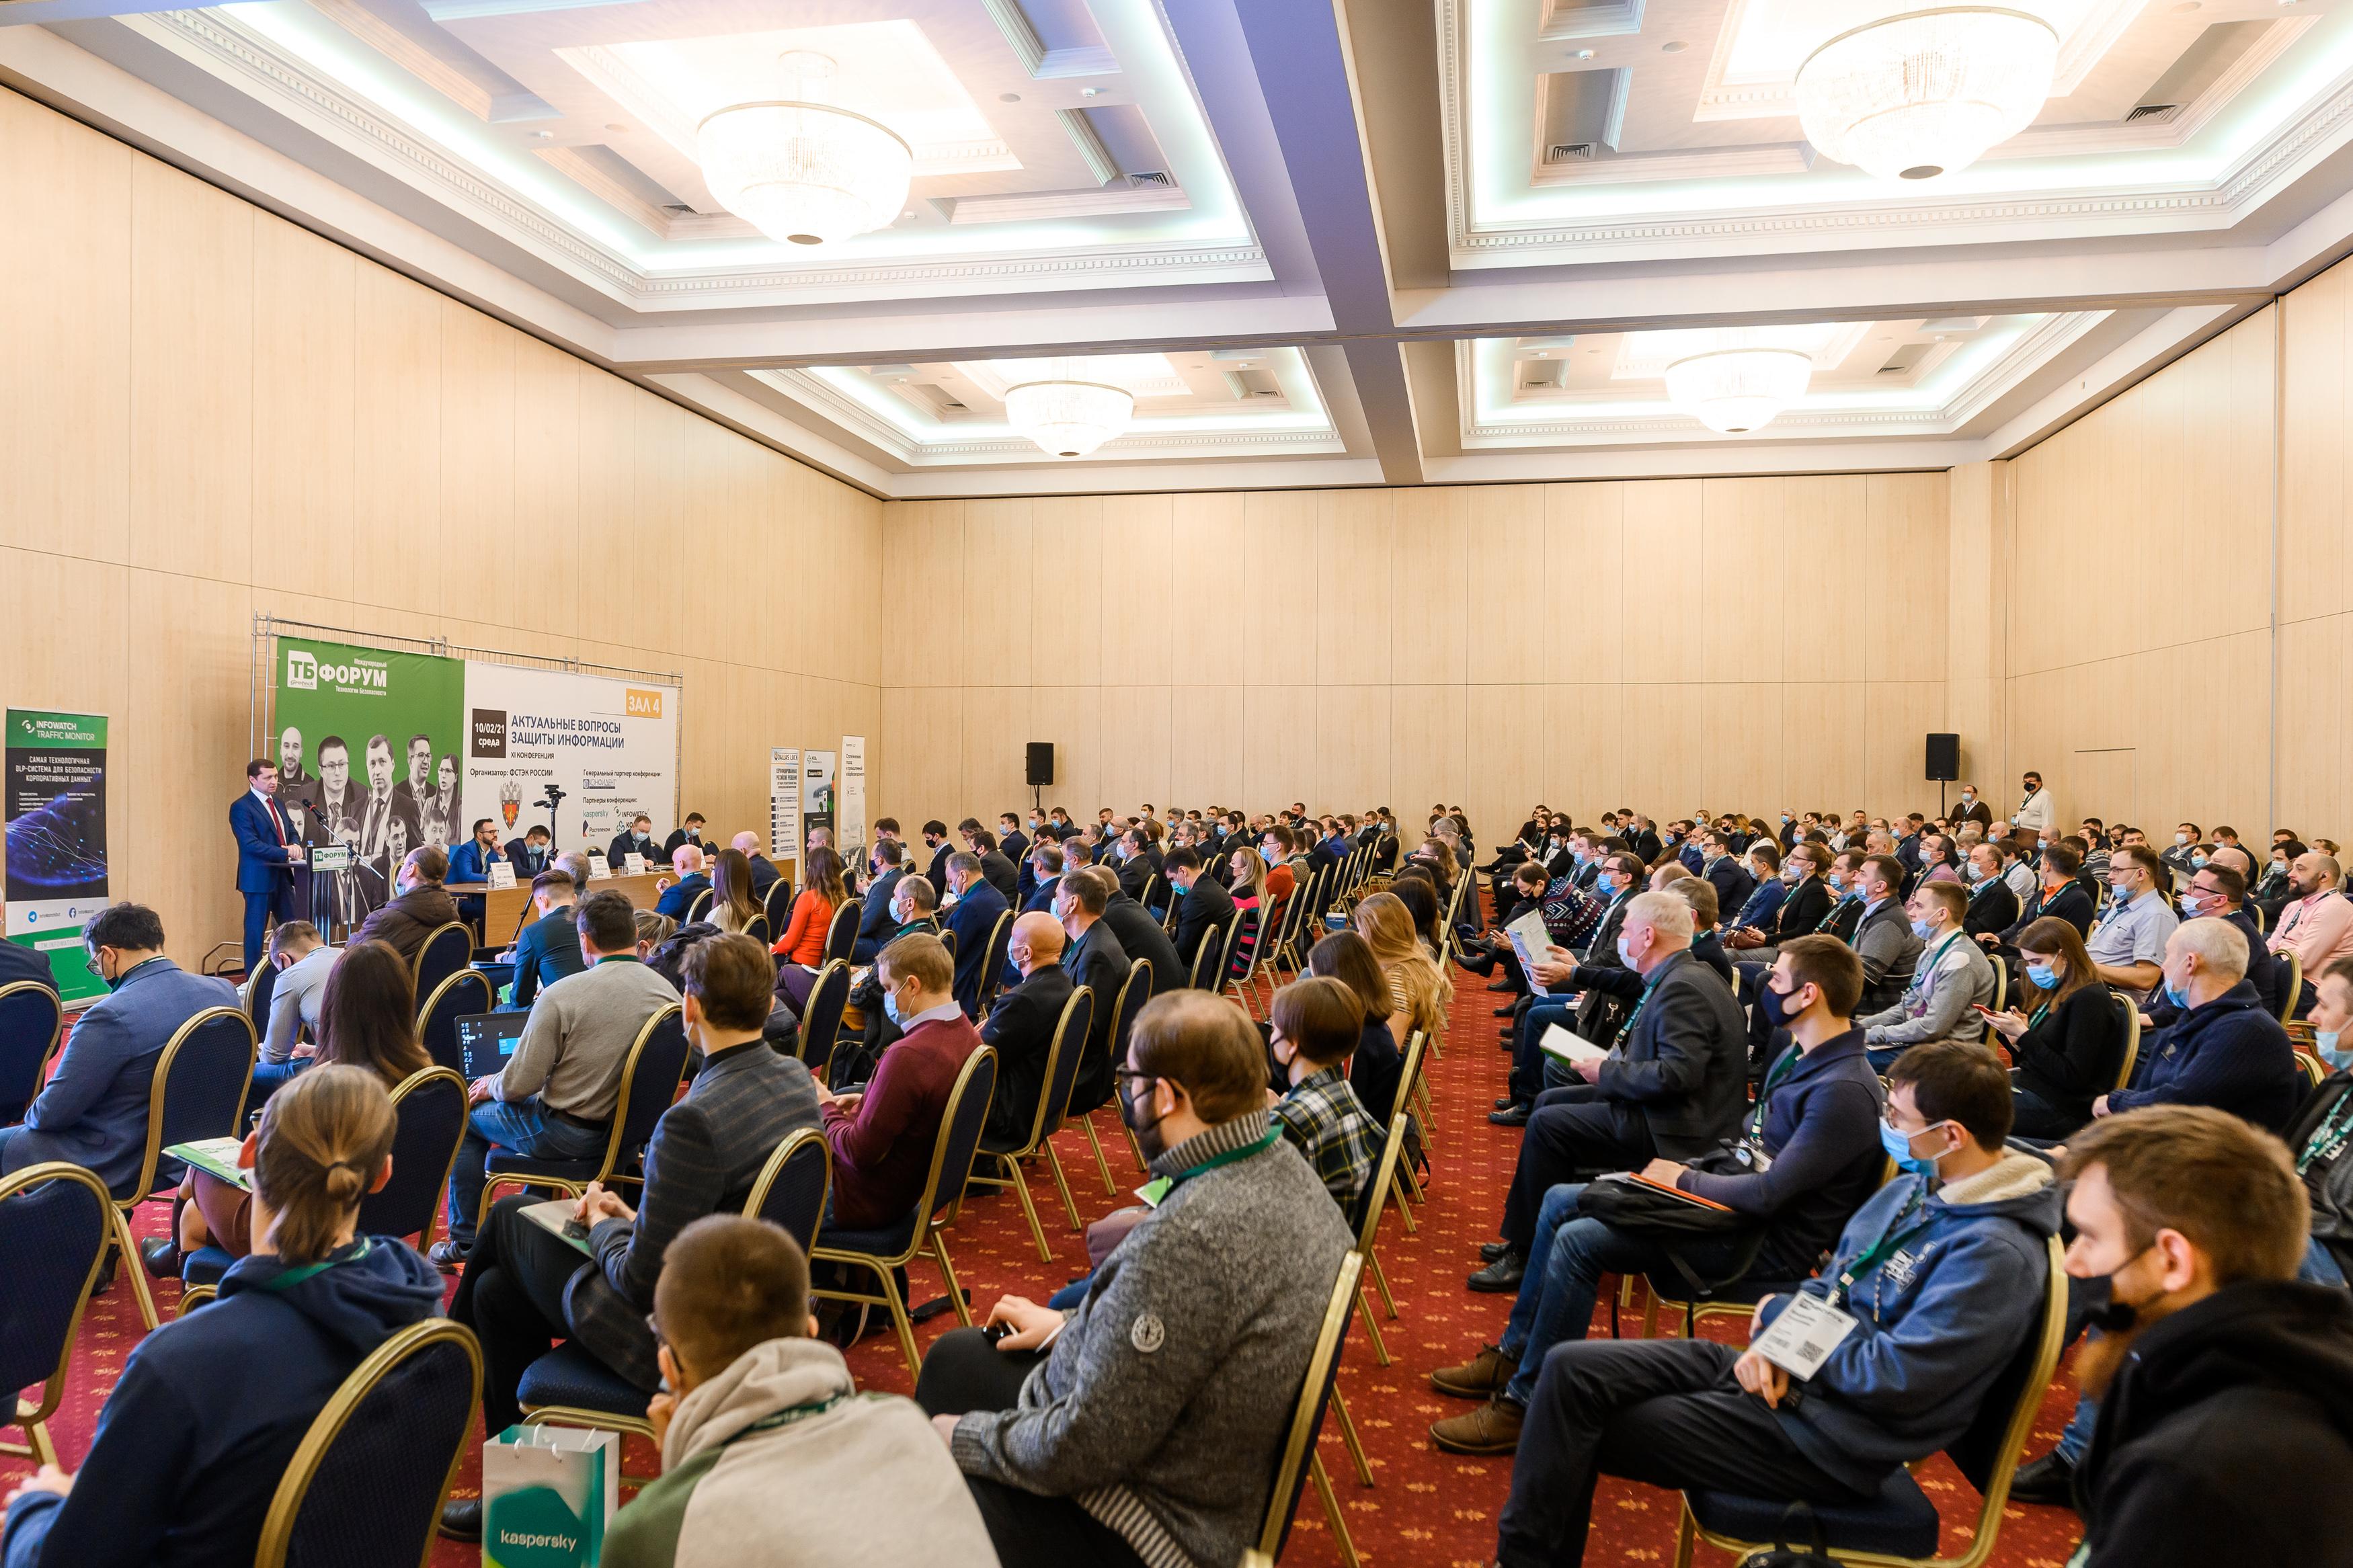 Первое событие отрасли в гибридном формате: ТБ Форум 2021 успешно прошел в условиях пандемии